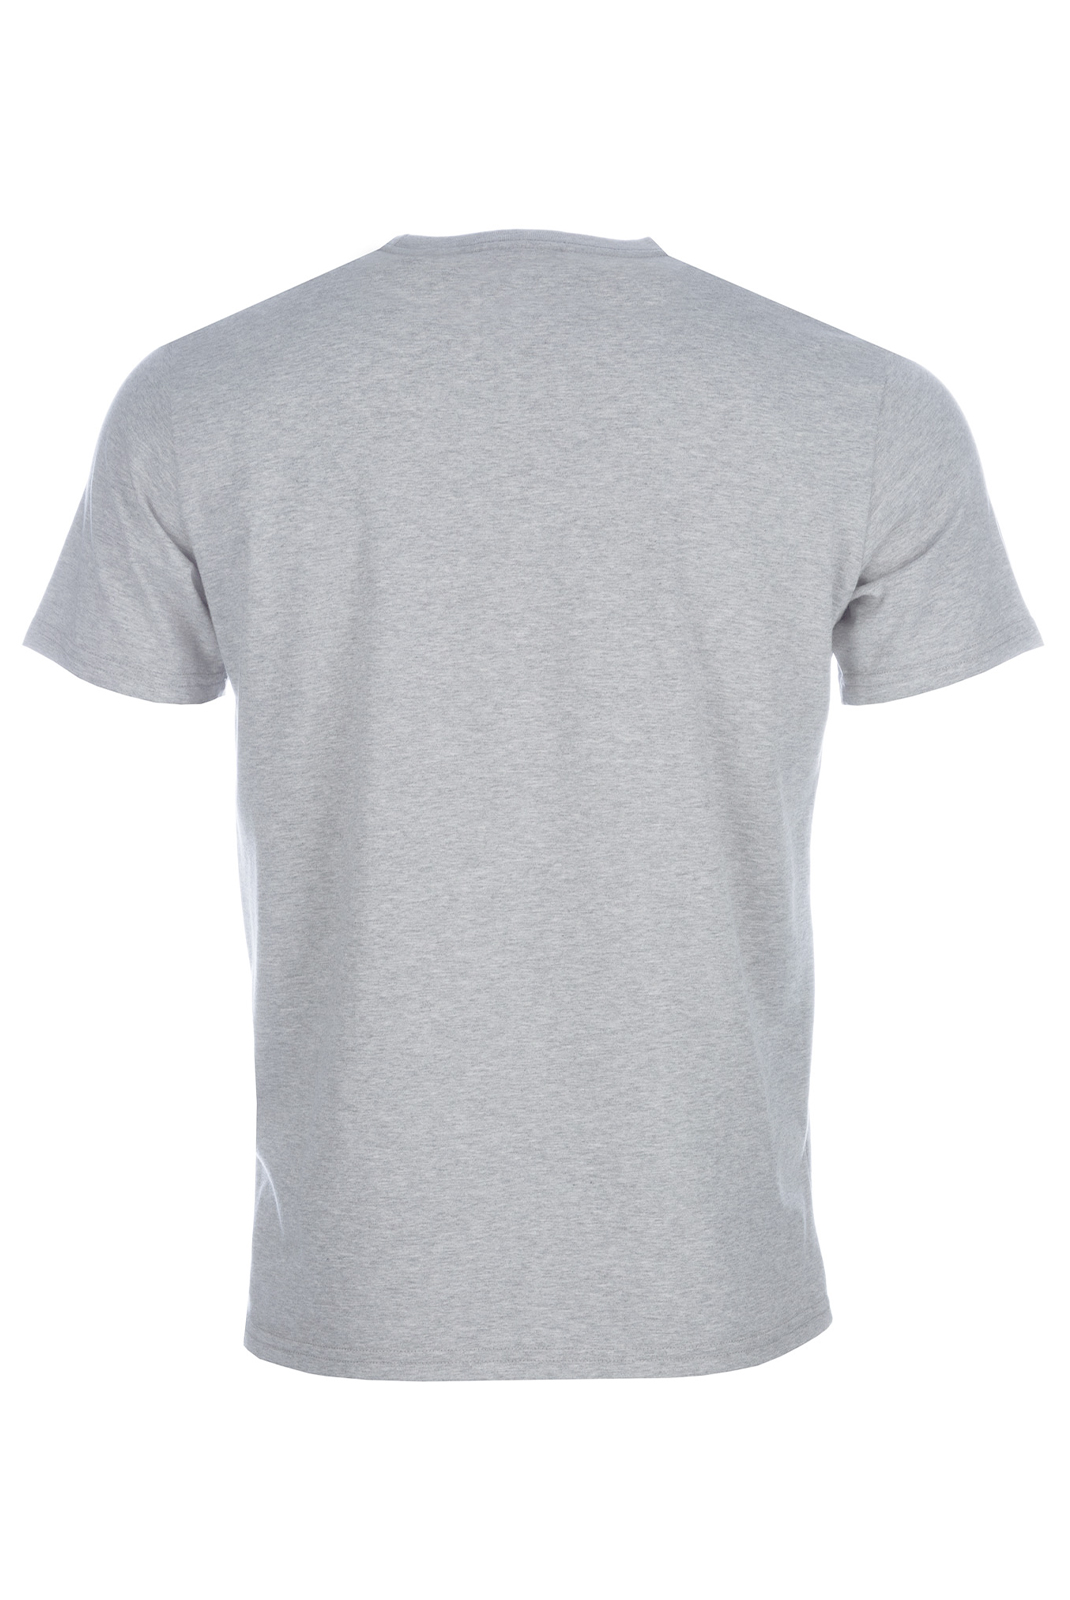 Tee-shirts  Diesel 00S4Y1  T-NUCK 912 GRIS